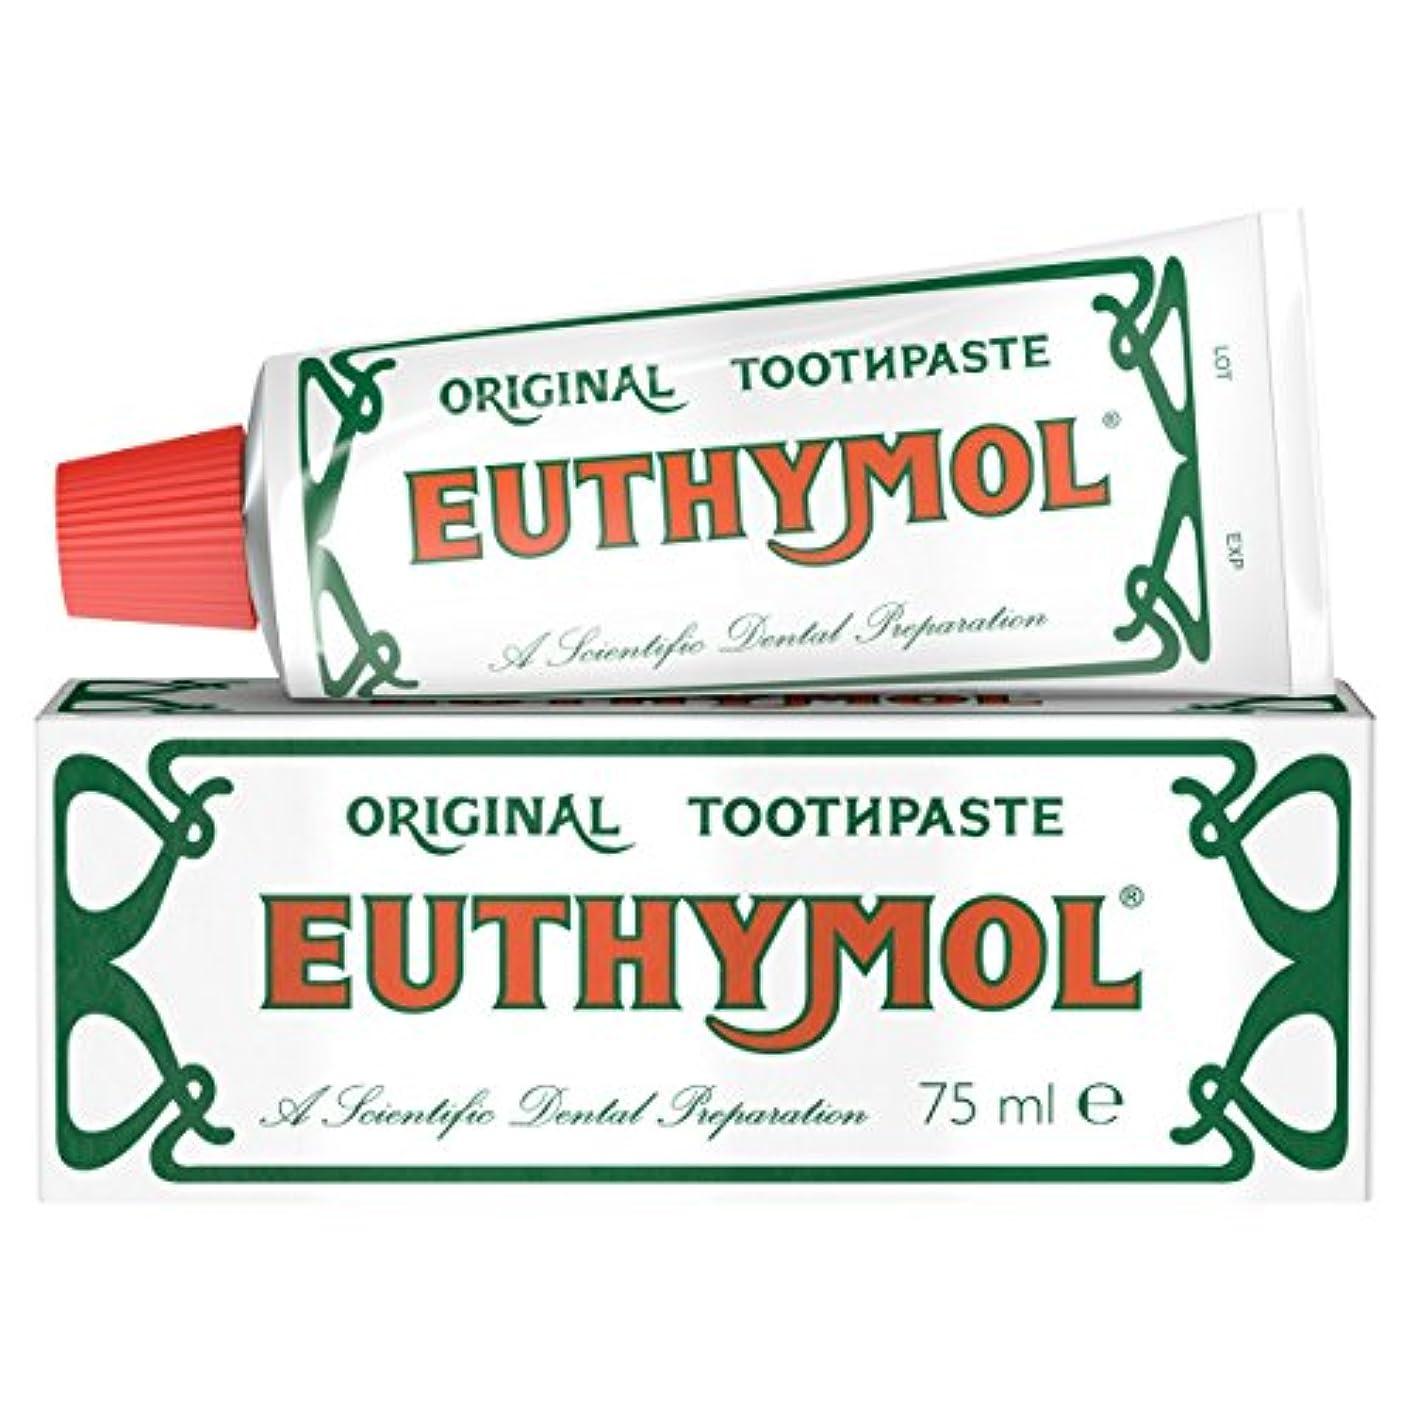 ジャンルインフルエンザ貯水池Euthymol オリジナル歯磨き粉 75ml 並行輸入品 Euthymol Original Toothpaste 75 Ml